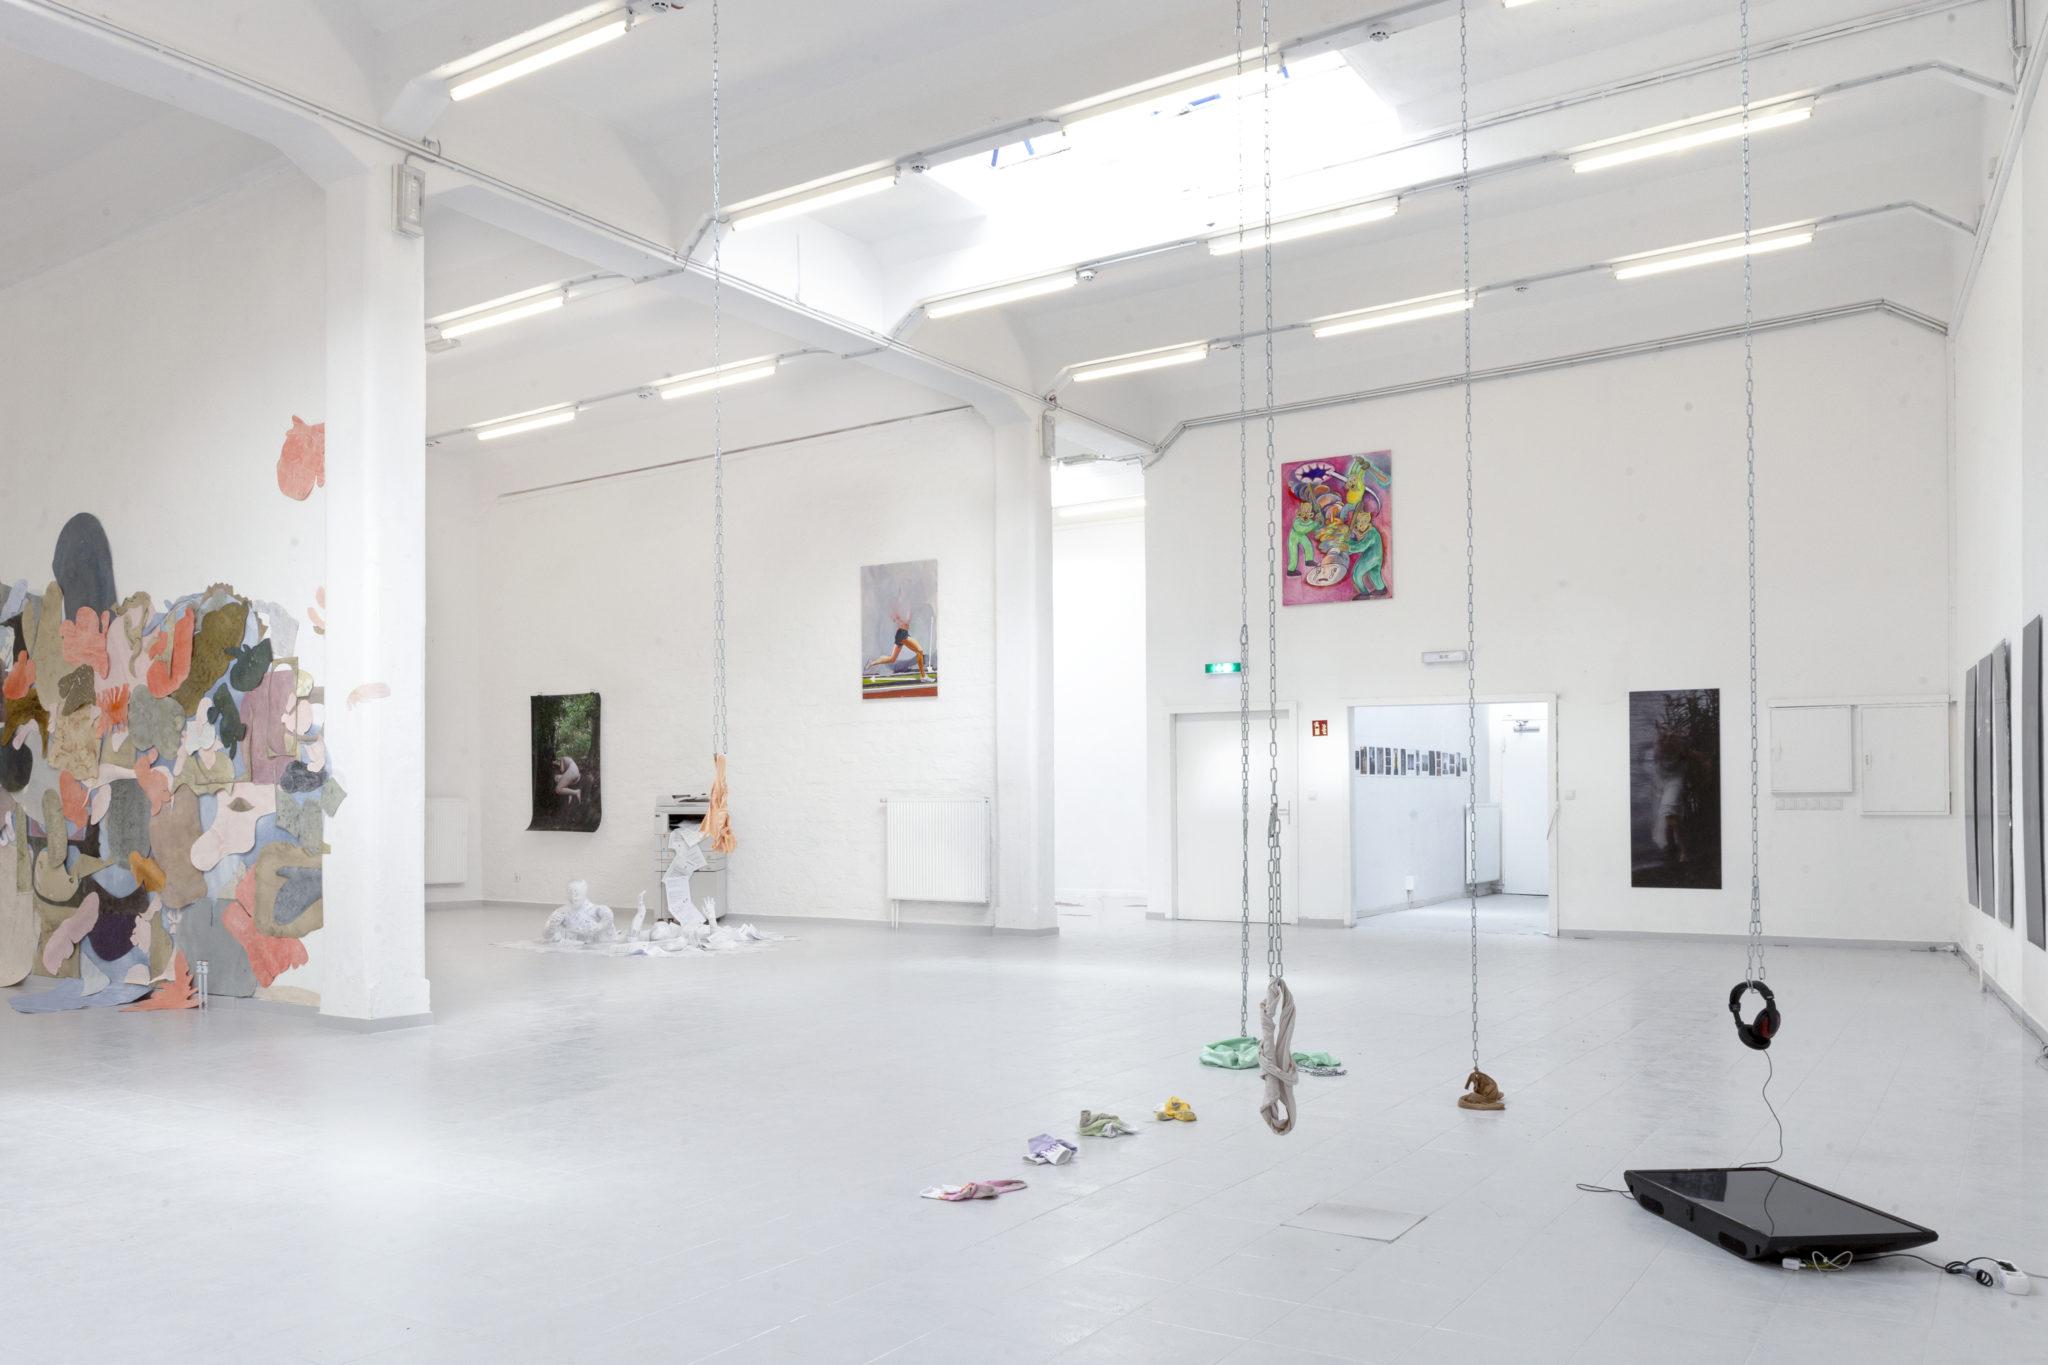 Bosse Bergfeld, How to run in proper form, Öl auf Leinwand, 120 x 80 cm, 2021, Ausstellungsansicht_2